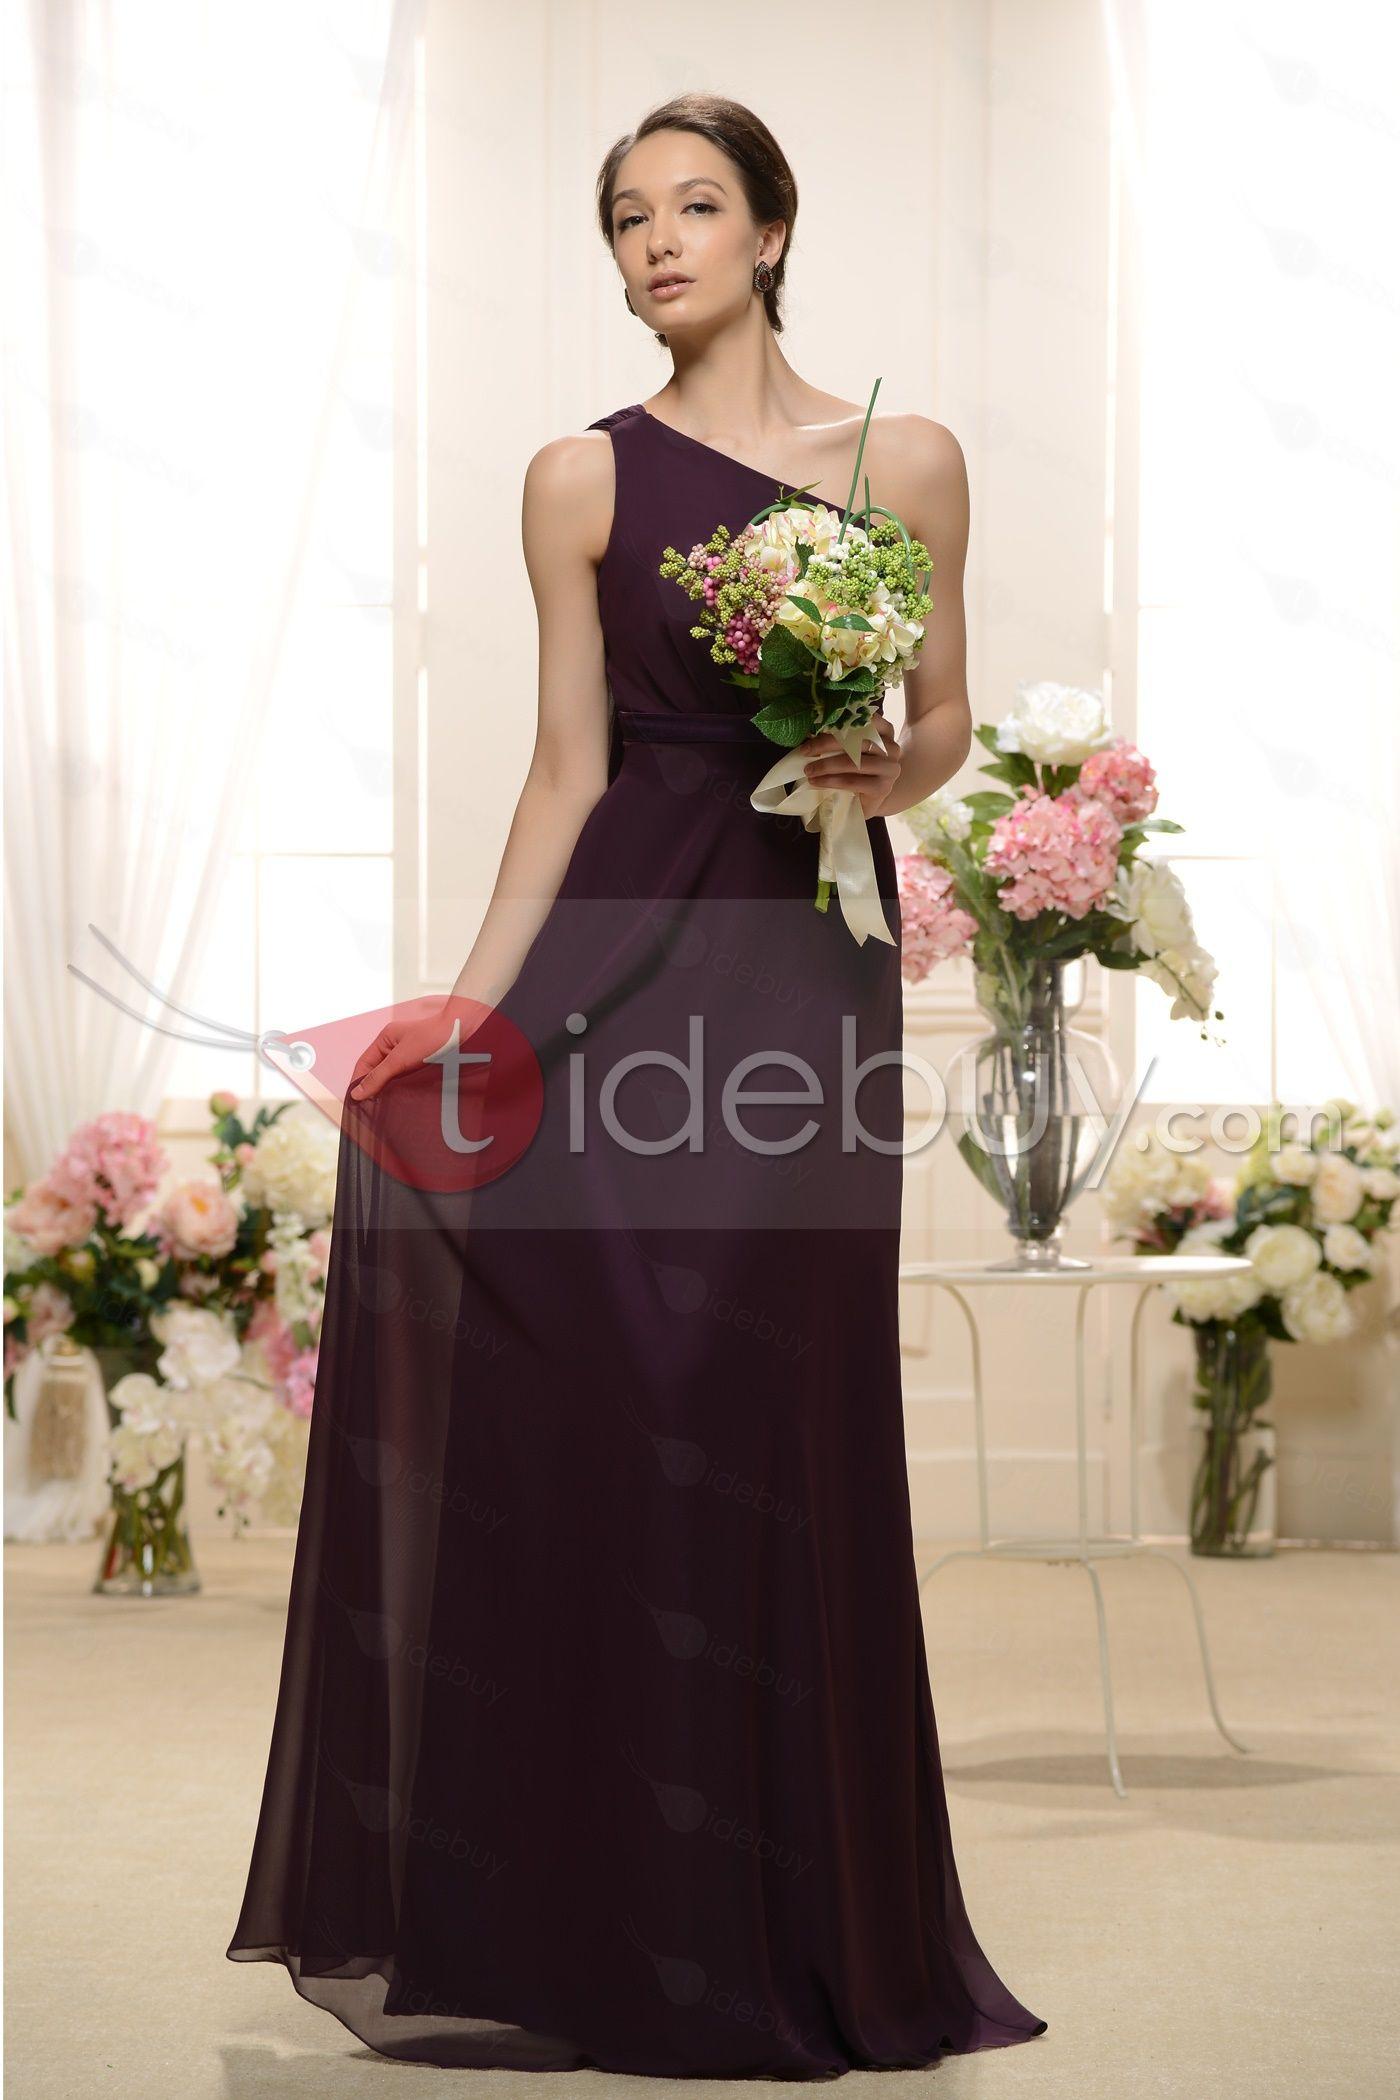 US$124.99 Attractive Sheath One-Shoulder Floor-length Bridesmaid Dress. #Bridesmaid #Floor-length #One-Shoulder #Attractive